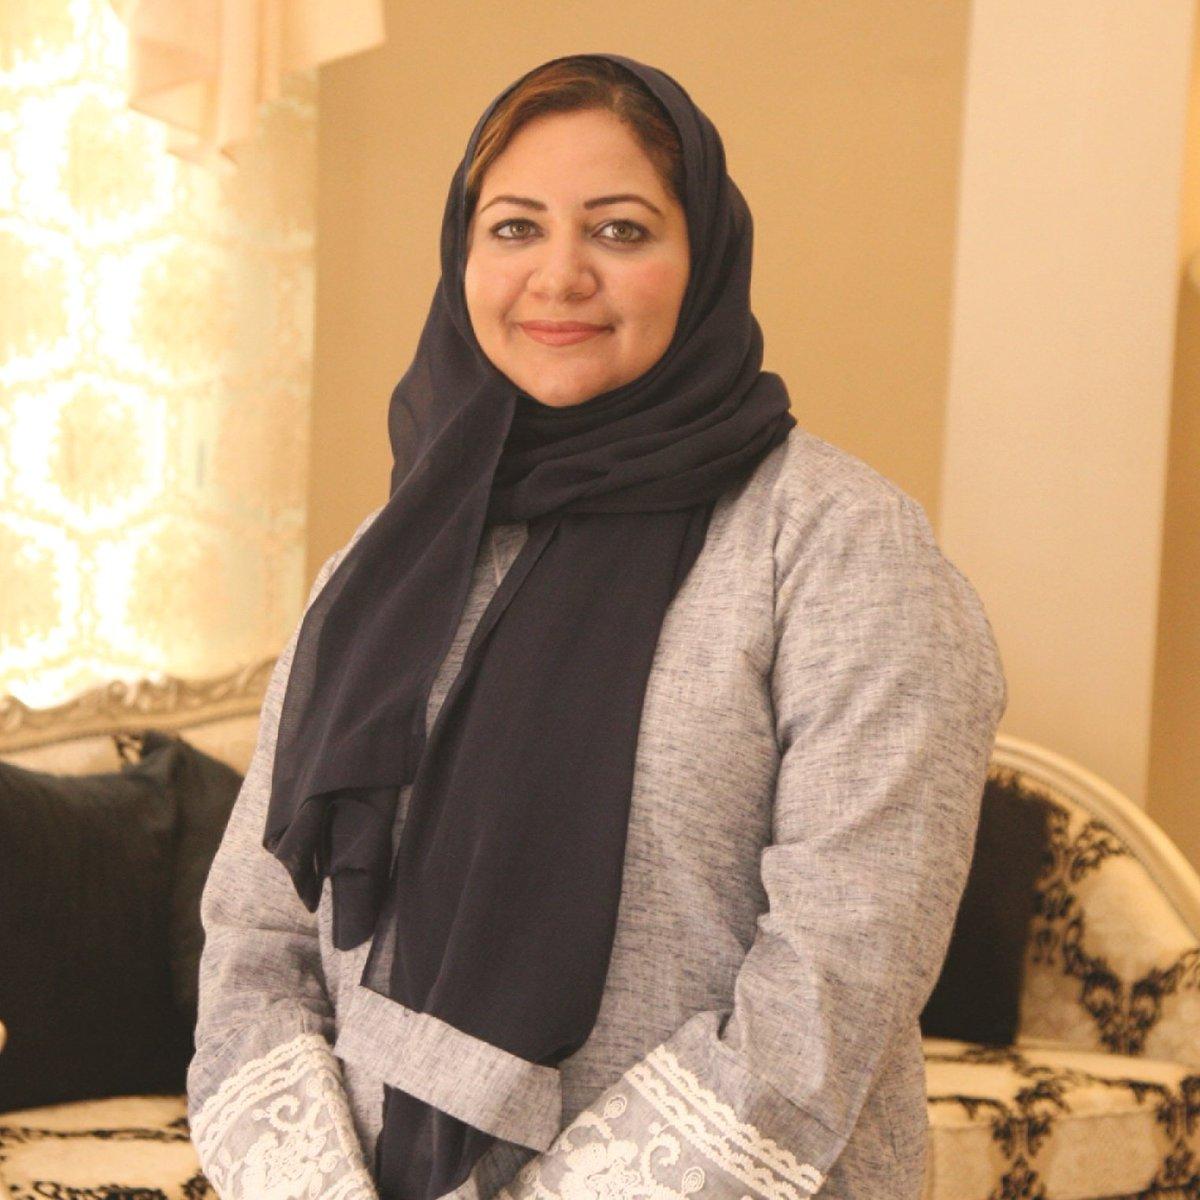 وقريبا ستسجل هديل @HadeelAyoub براءة اختراعها (القفاز الذكي) وتثبت بأن...